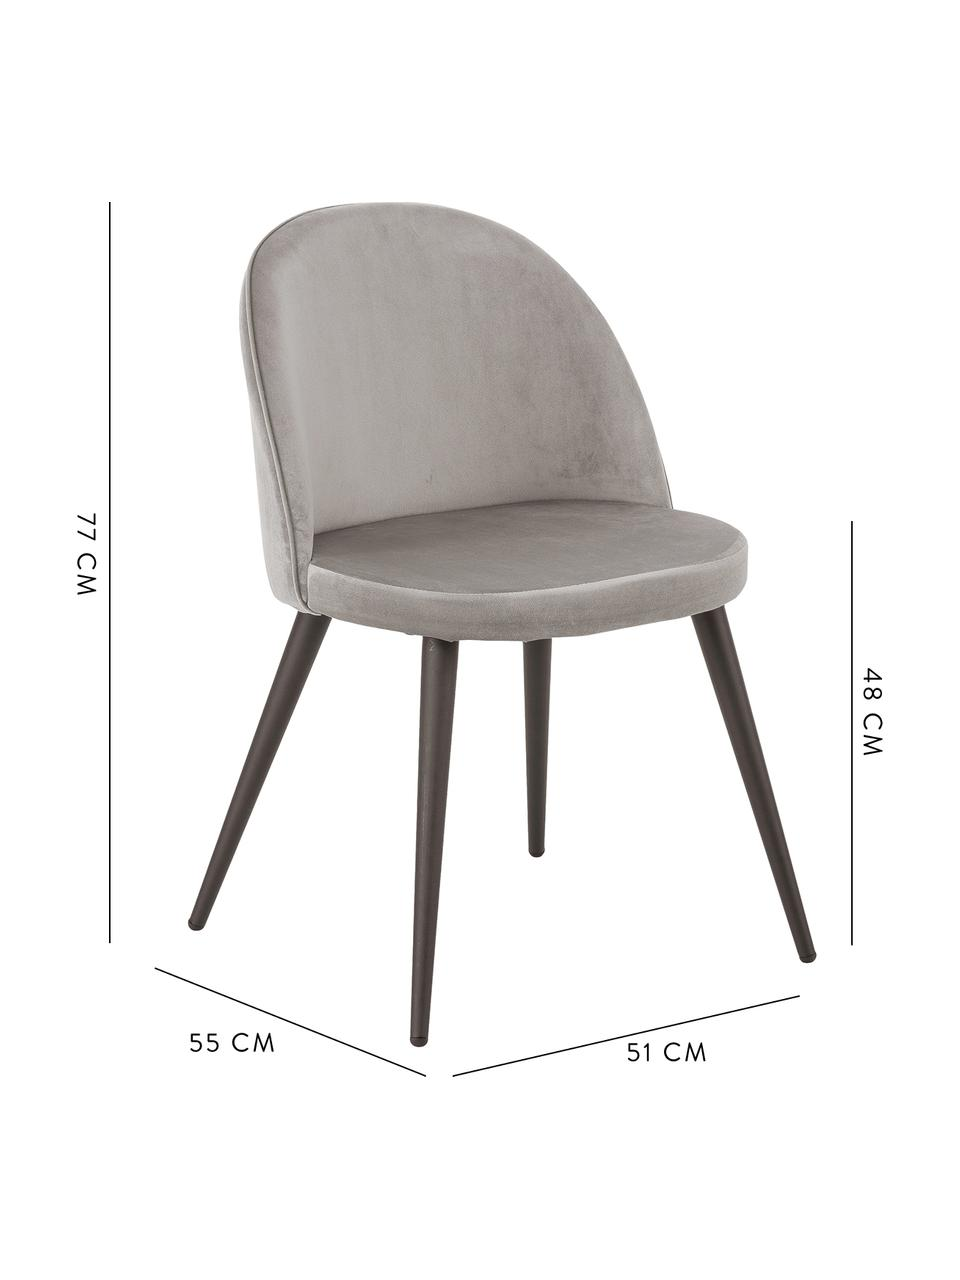 Chaise moderne en velours, rembourrée Amy, 2pièces, Gris